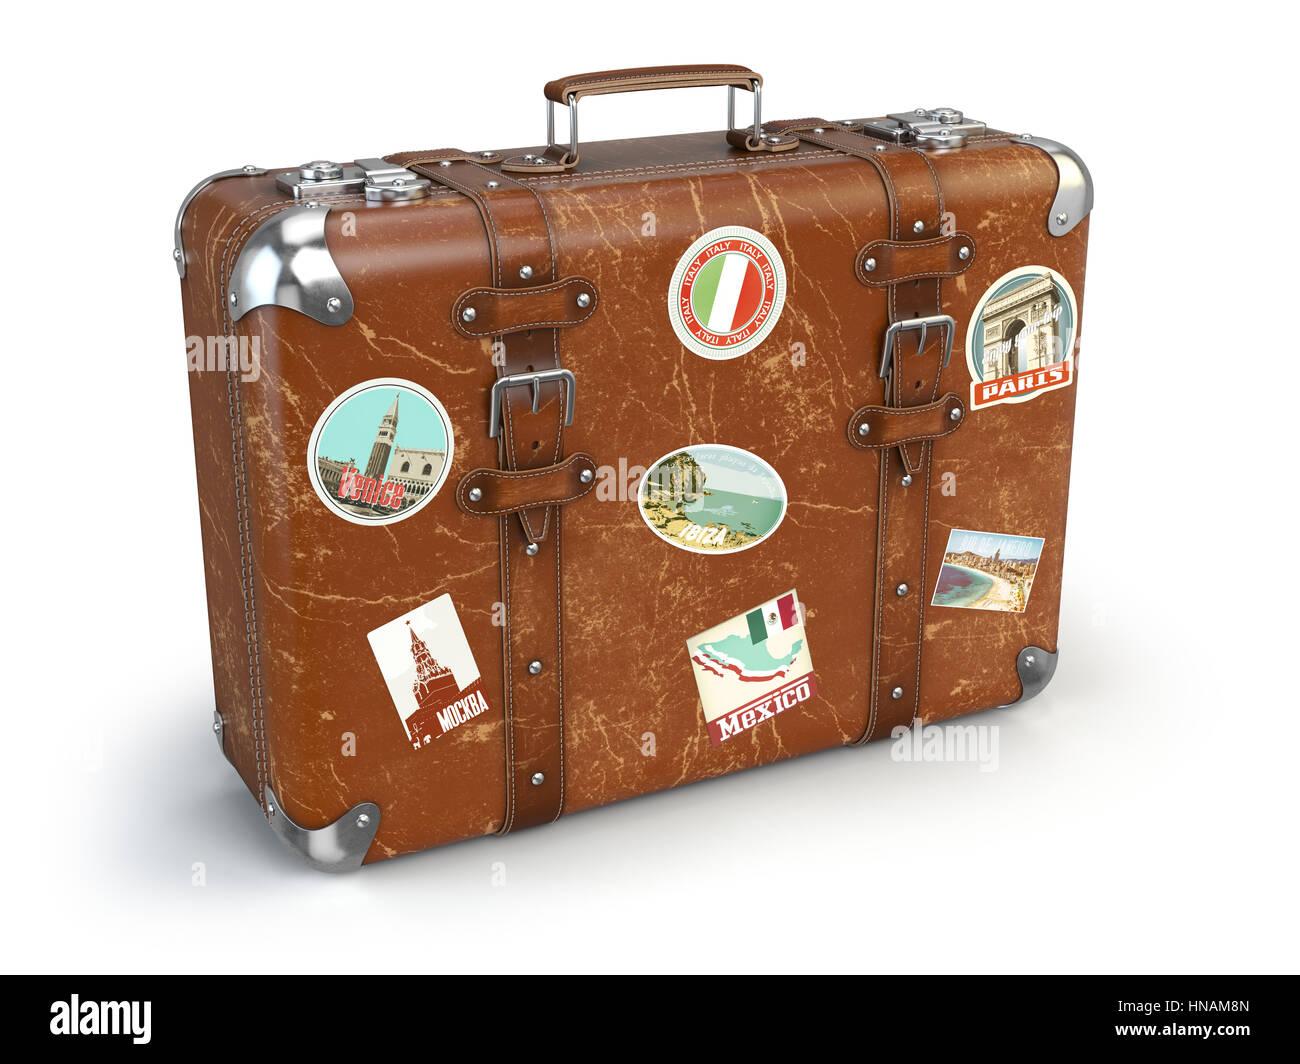 retro koffer gep ck reisen aufkleber isoliert auf wei em hintergrund 3d illustration stockfoto. Black Bedroom Furniture Sets. Home Design Ideas